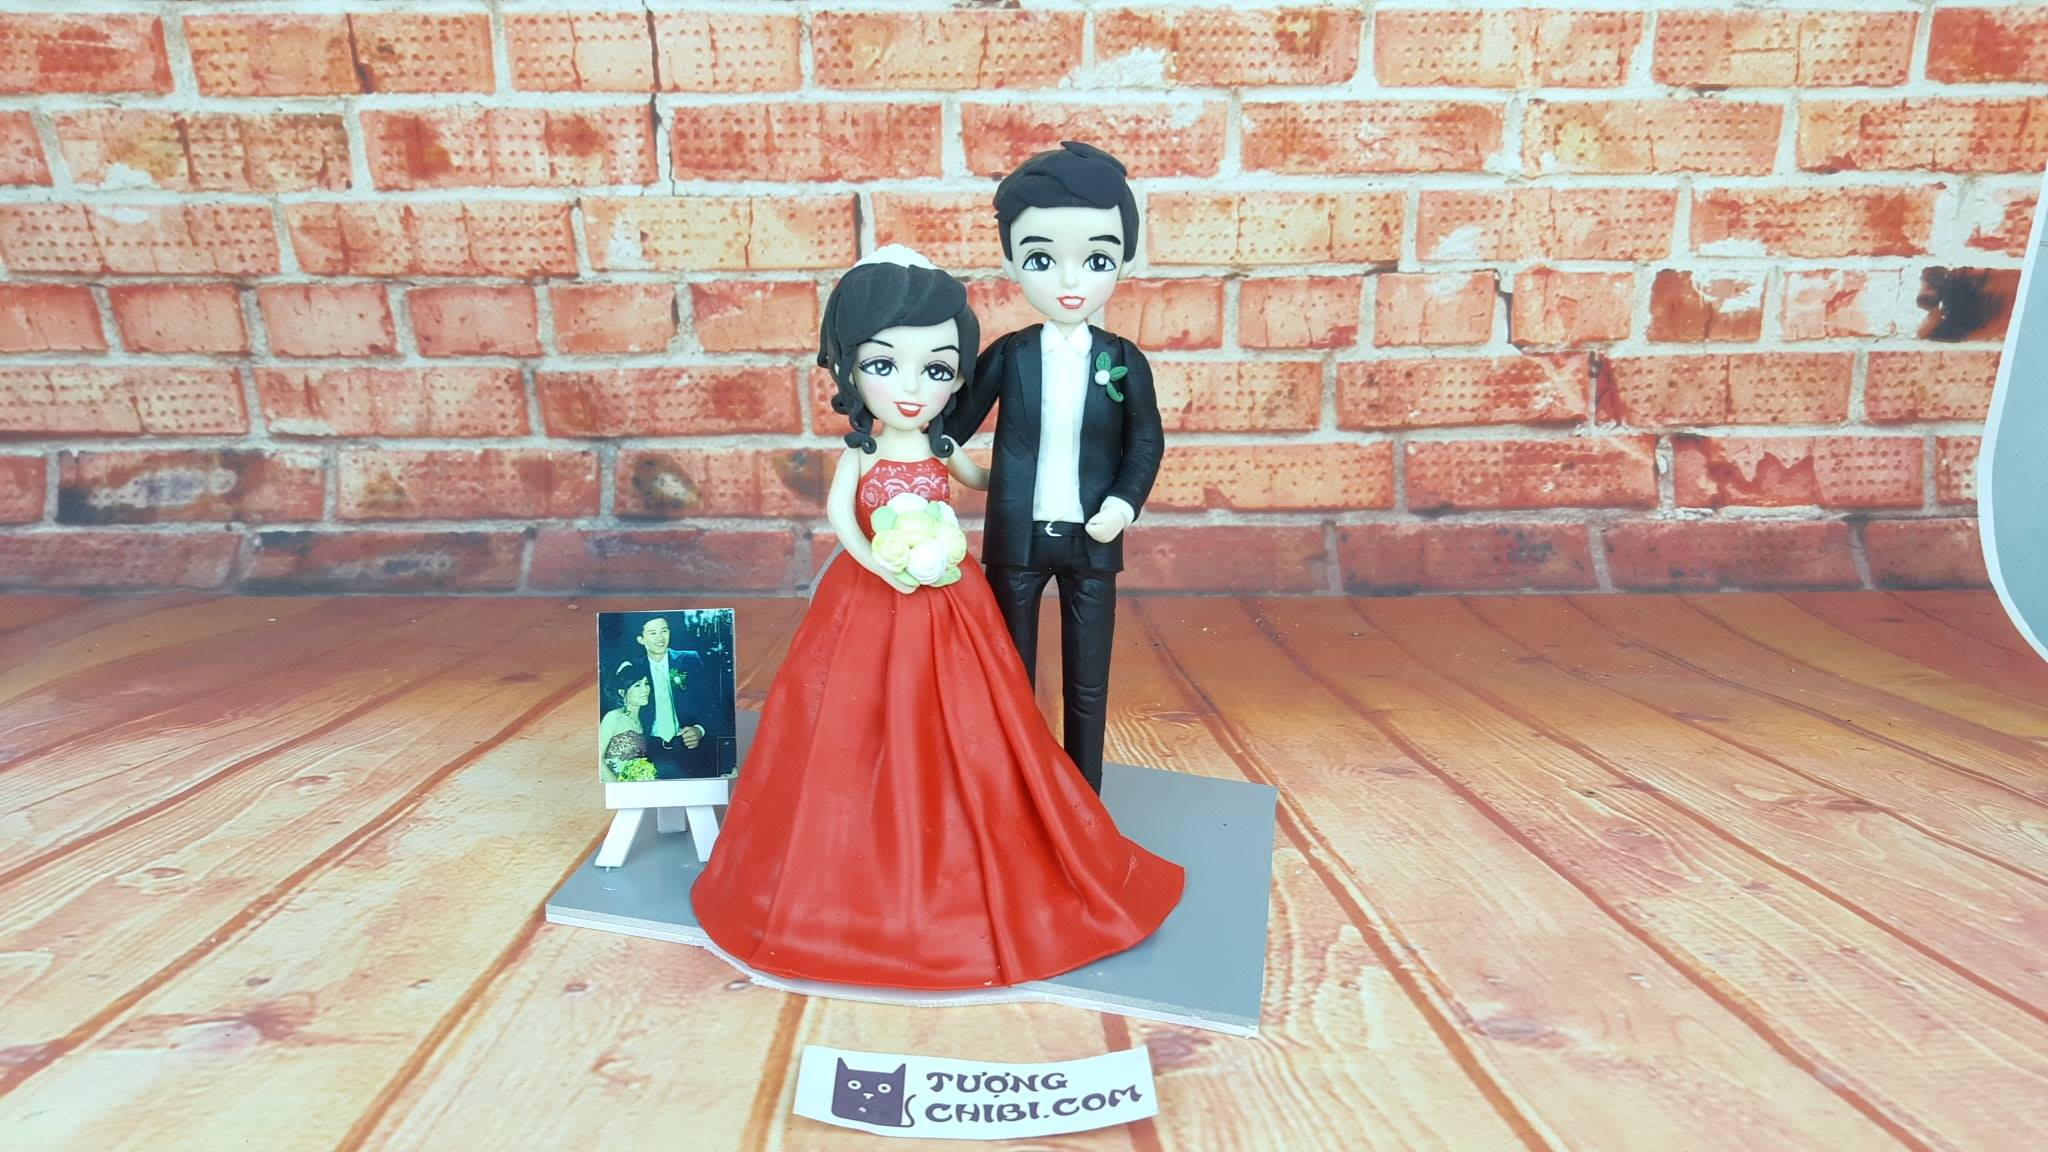 Quà tặng kỷ niệm ngày cưới, kỷ niệm 1 năm ngày cưới, kỷ niệm 10 năm ngày cưới